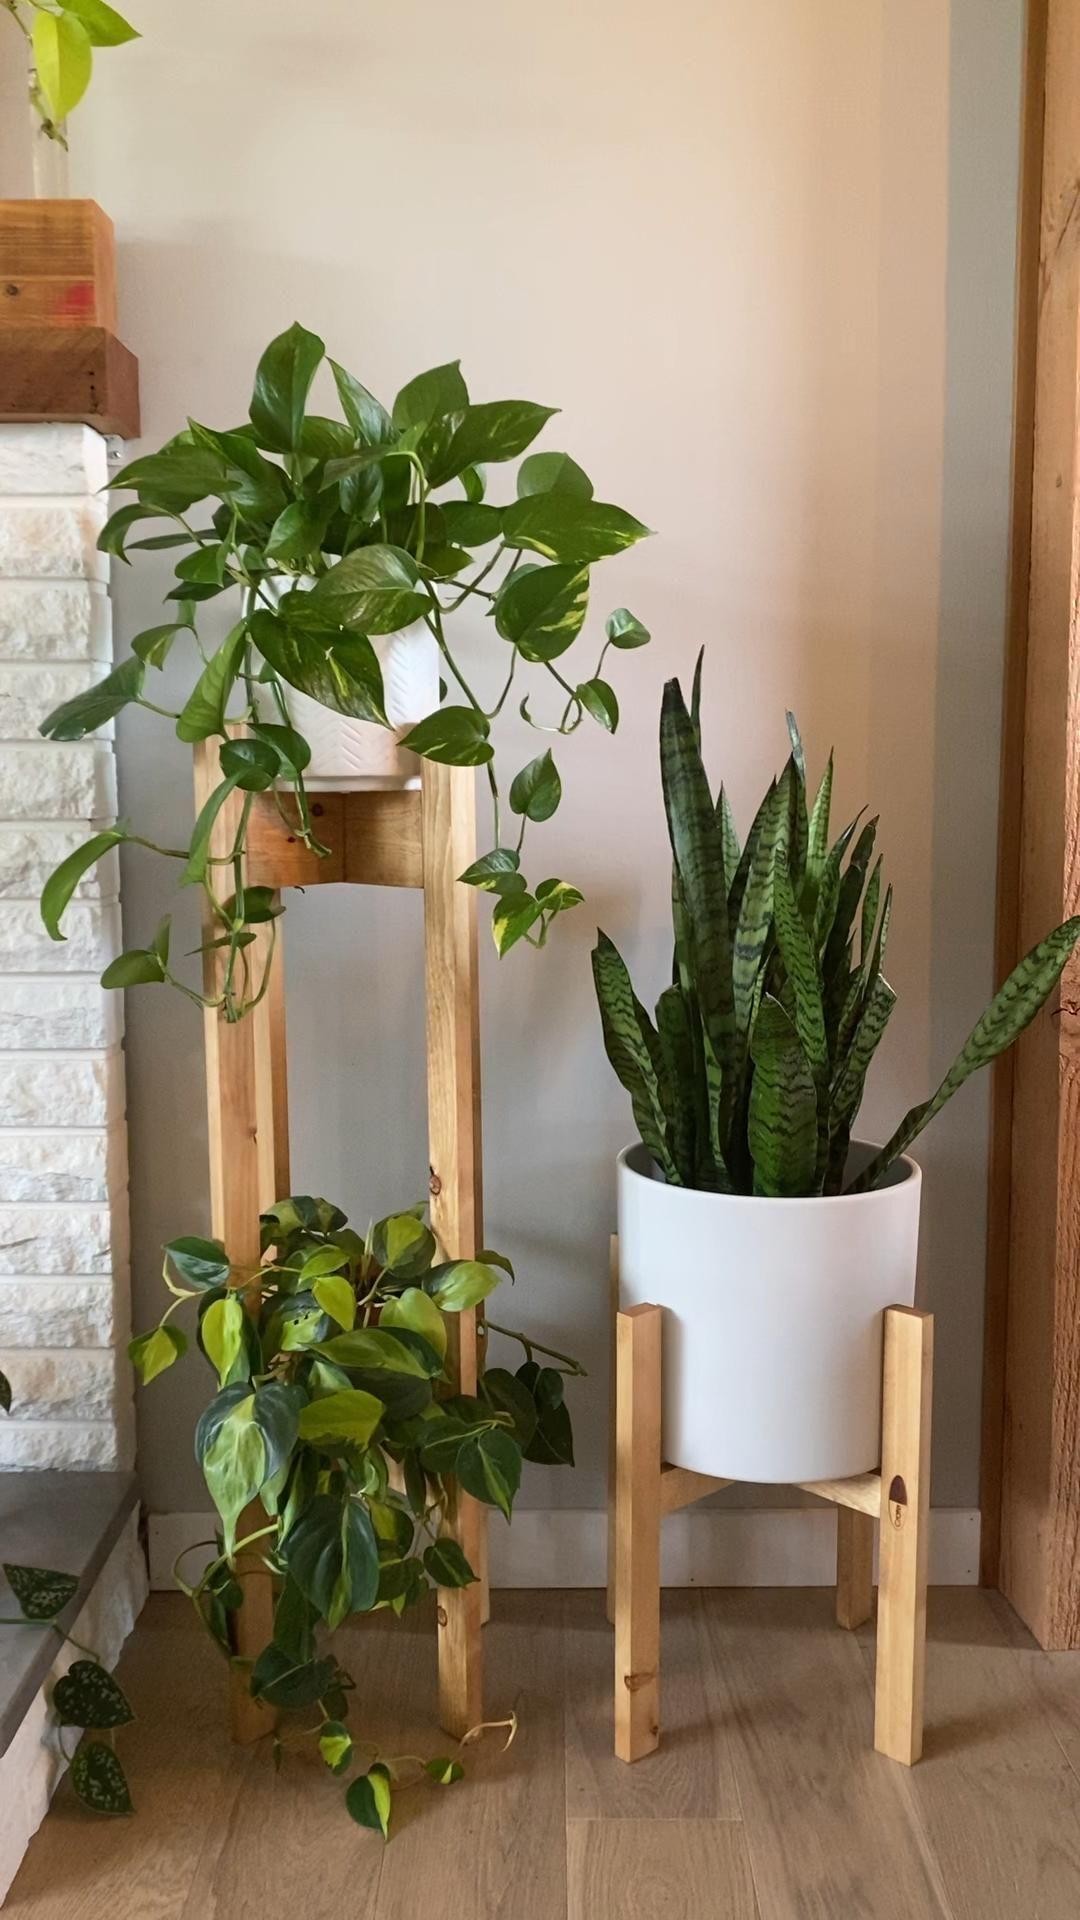 Photo of Custom Home Decor – Plant Decor